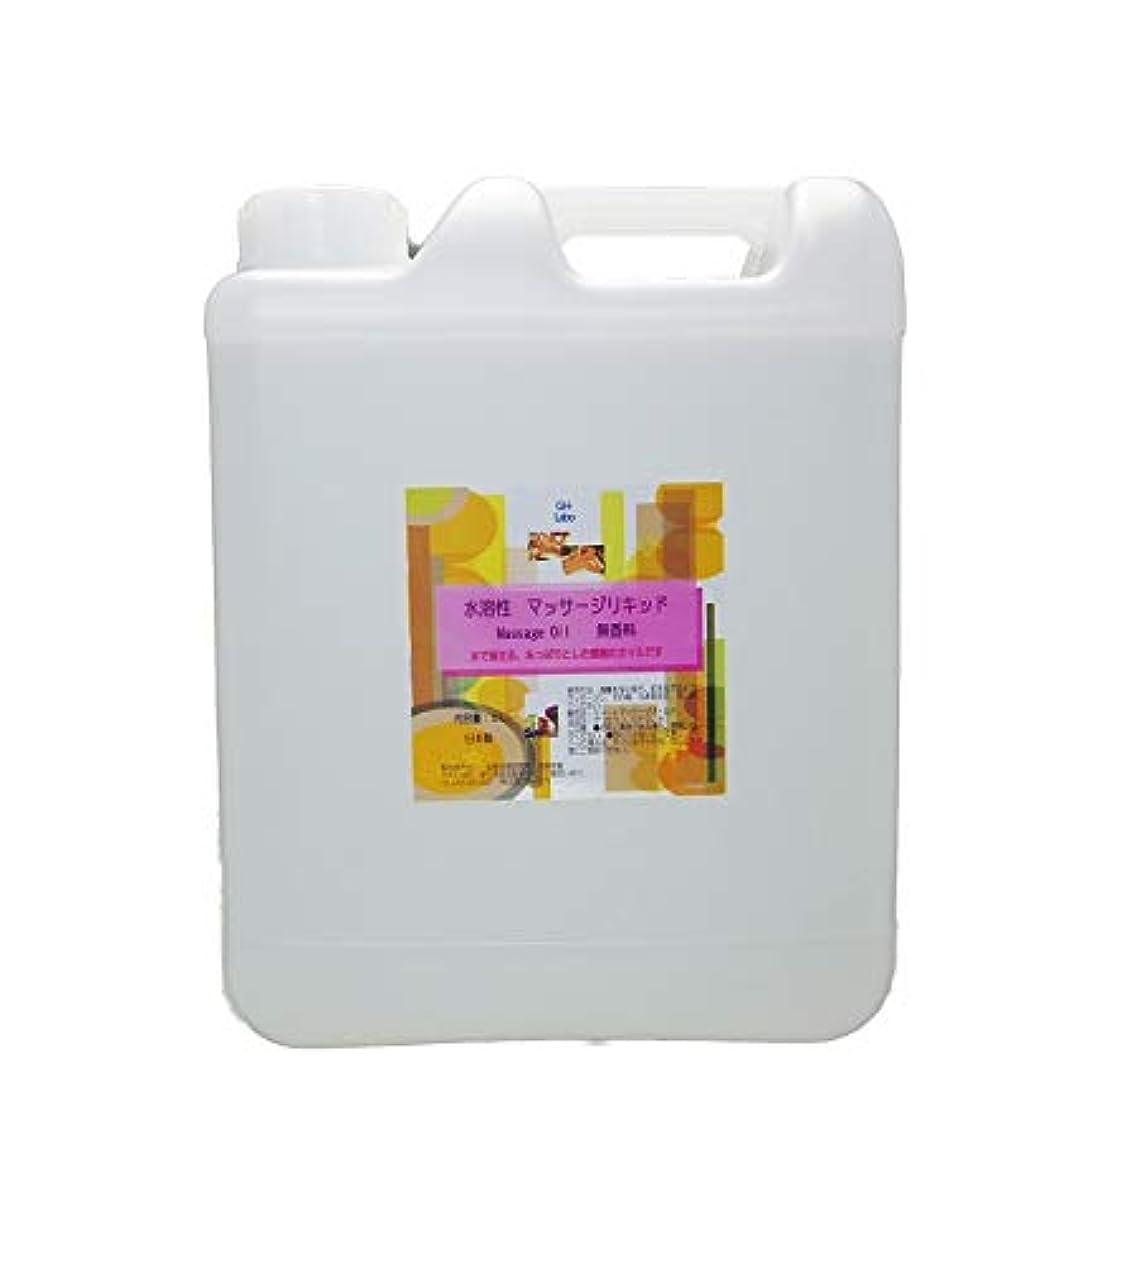 コーナー酔うエージェントGH-Labo 水溶性マッサージリキッド(マッサージオイル) 5L